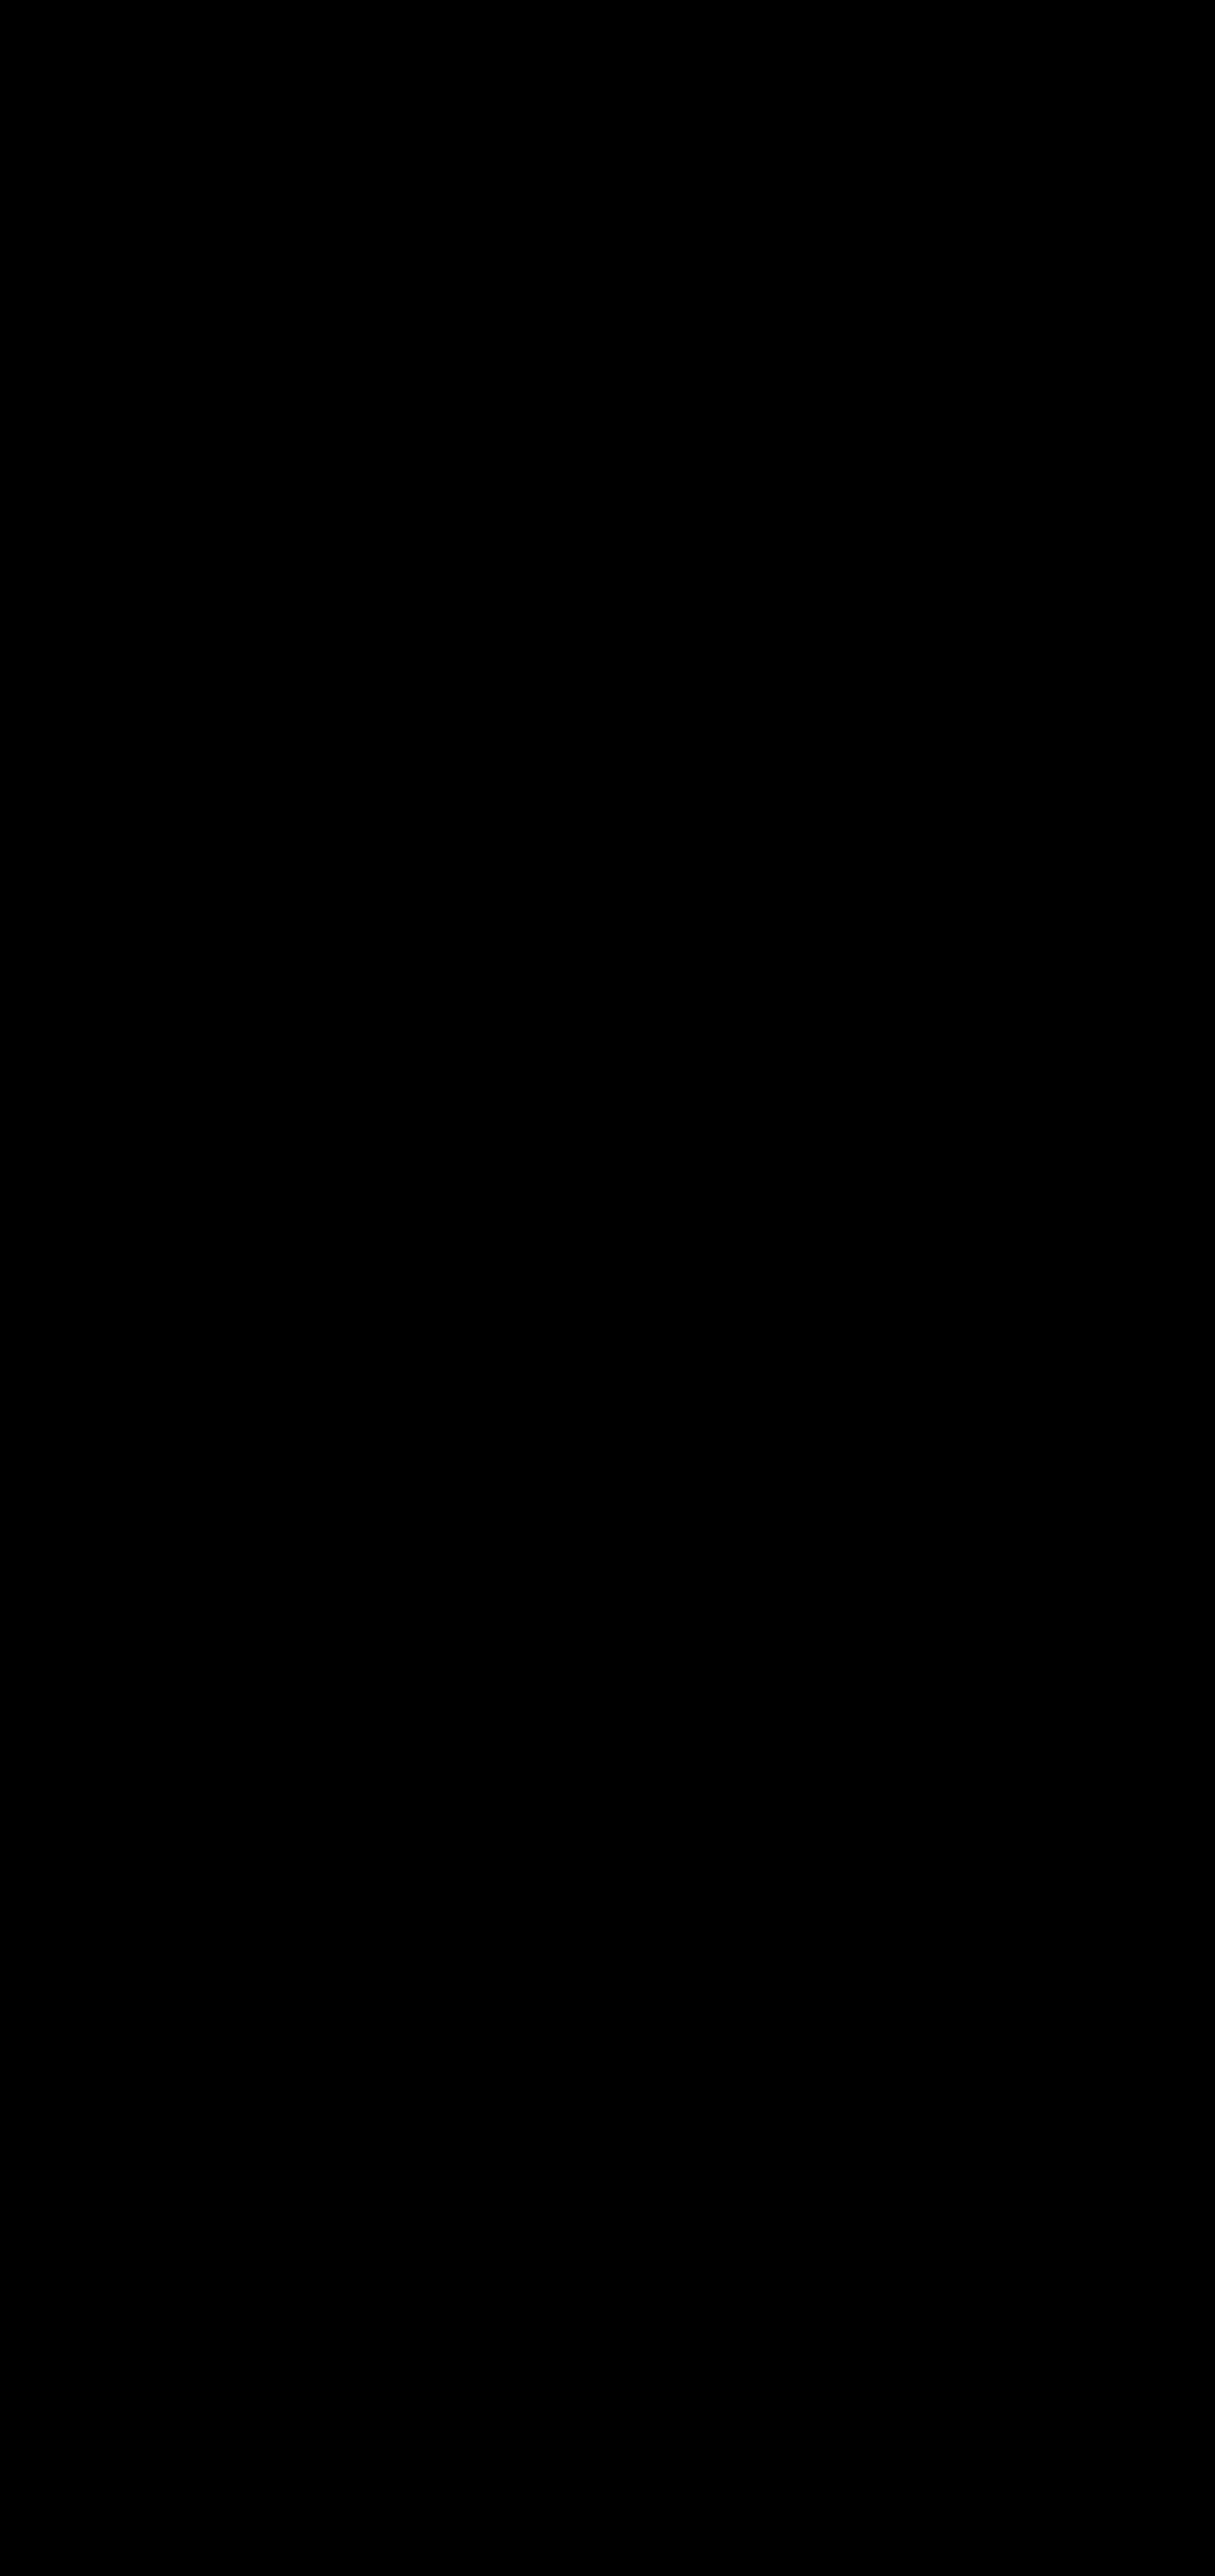 Bunte Marmorkuchen Geburtstagstorte mit Streuseln #tortegeburtstag